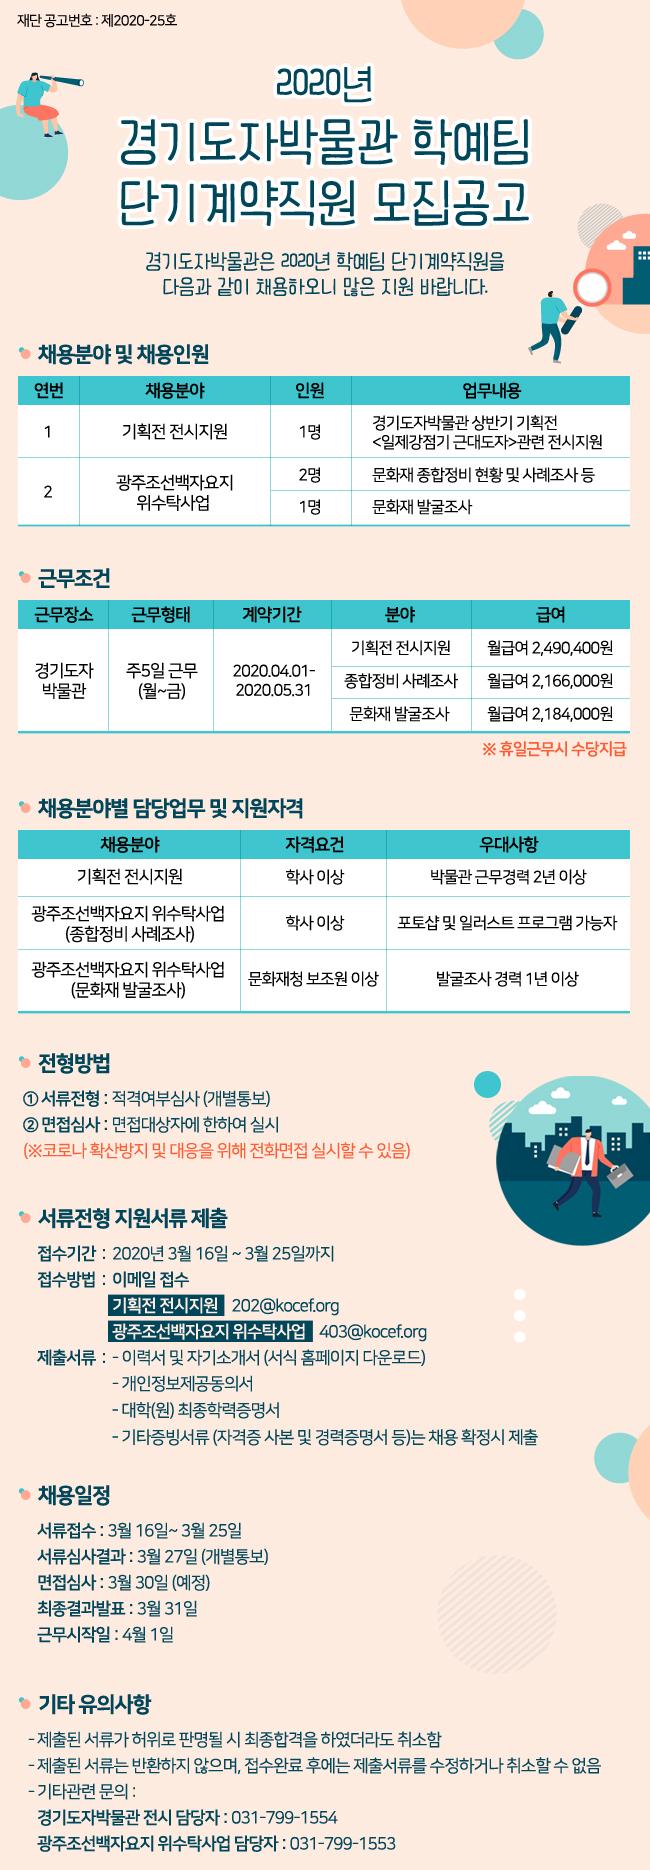 2020년 경기도자박물관 학예팀 단기계약직원 모집공고